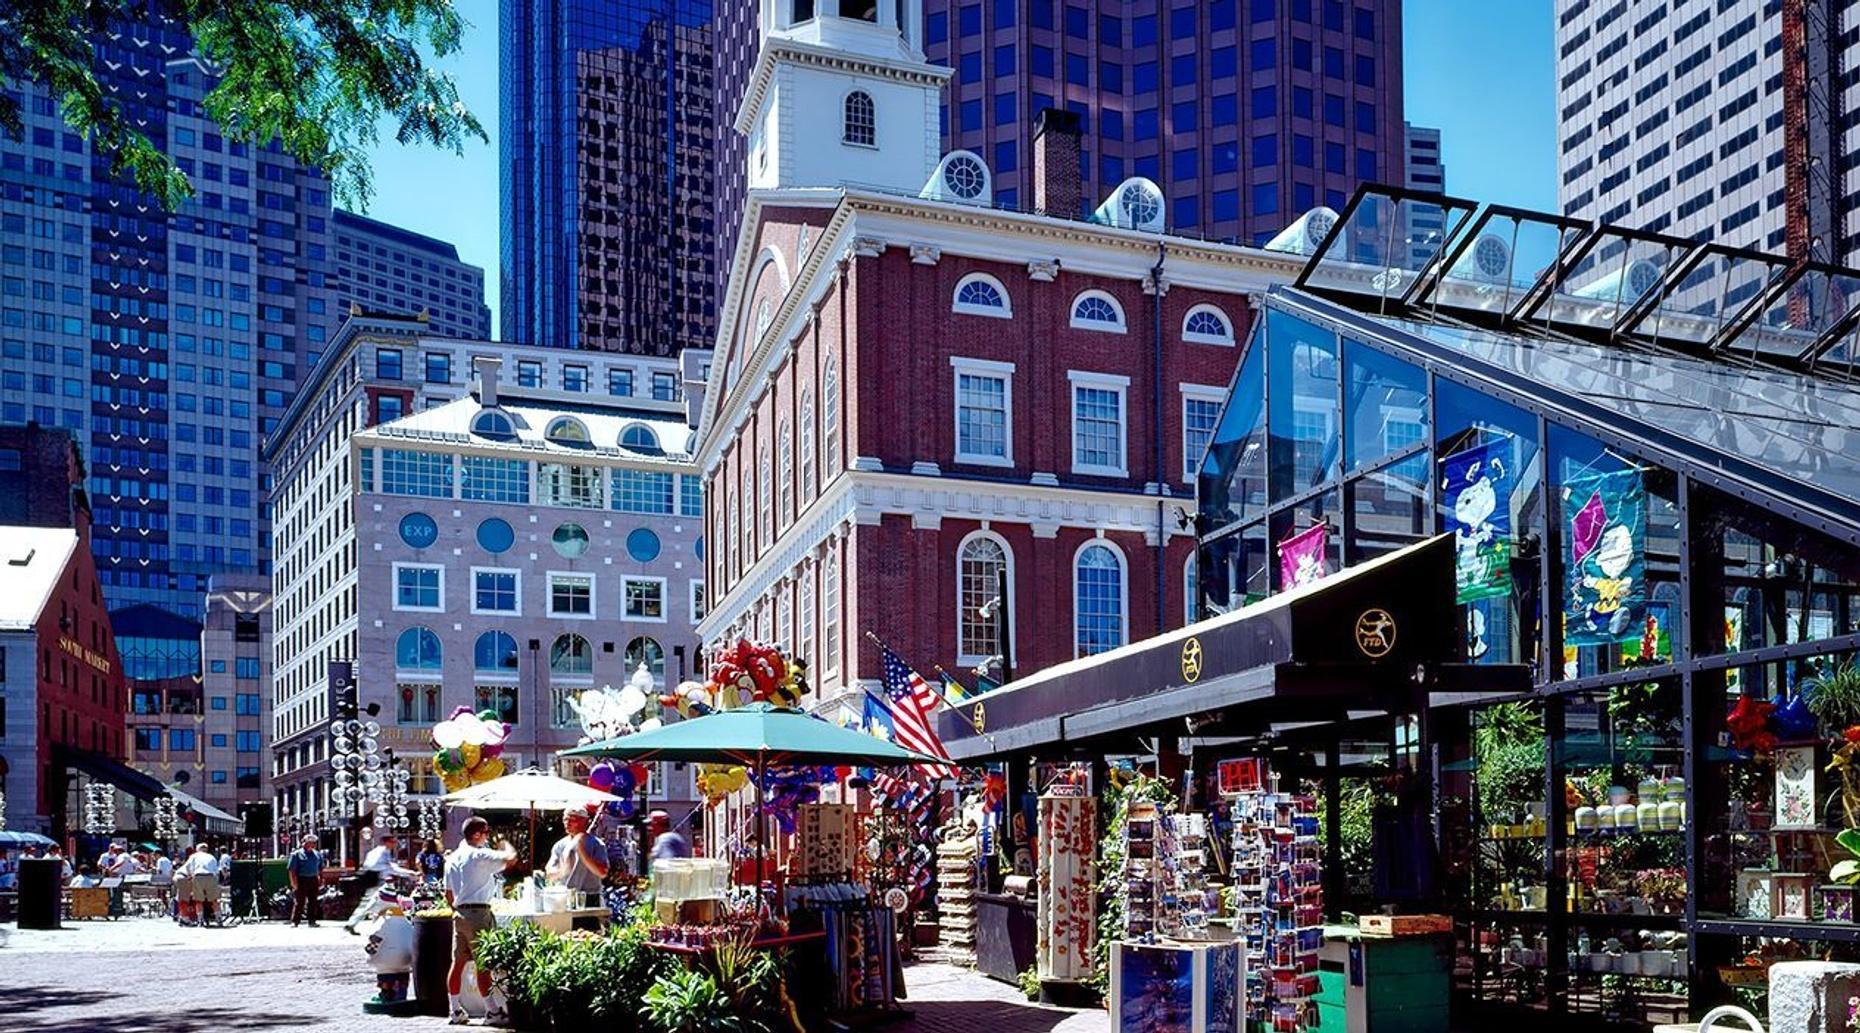 Private Four-Hour Tour in Boston